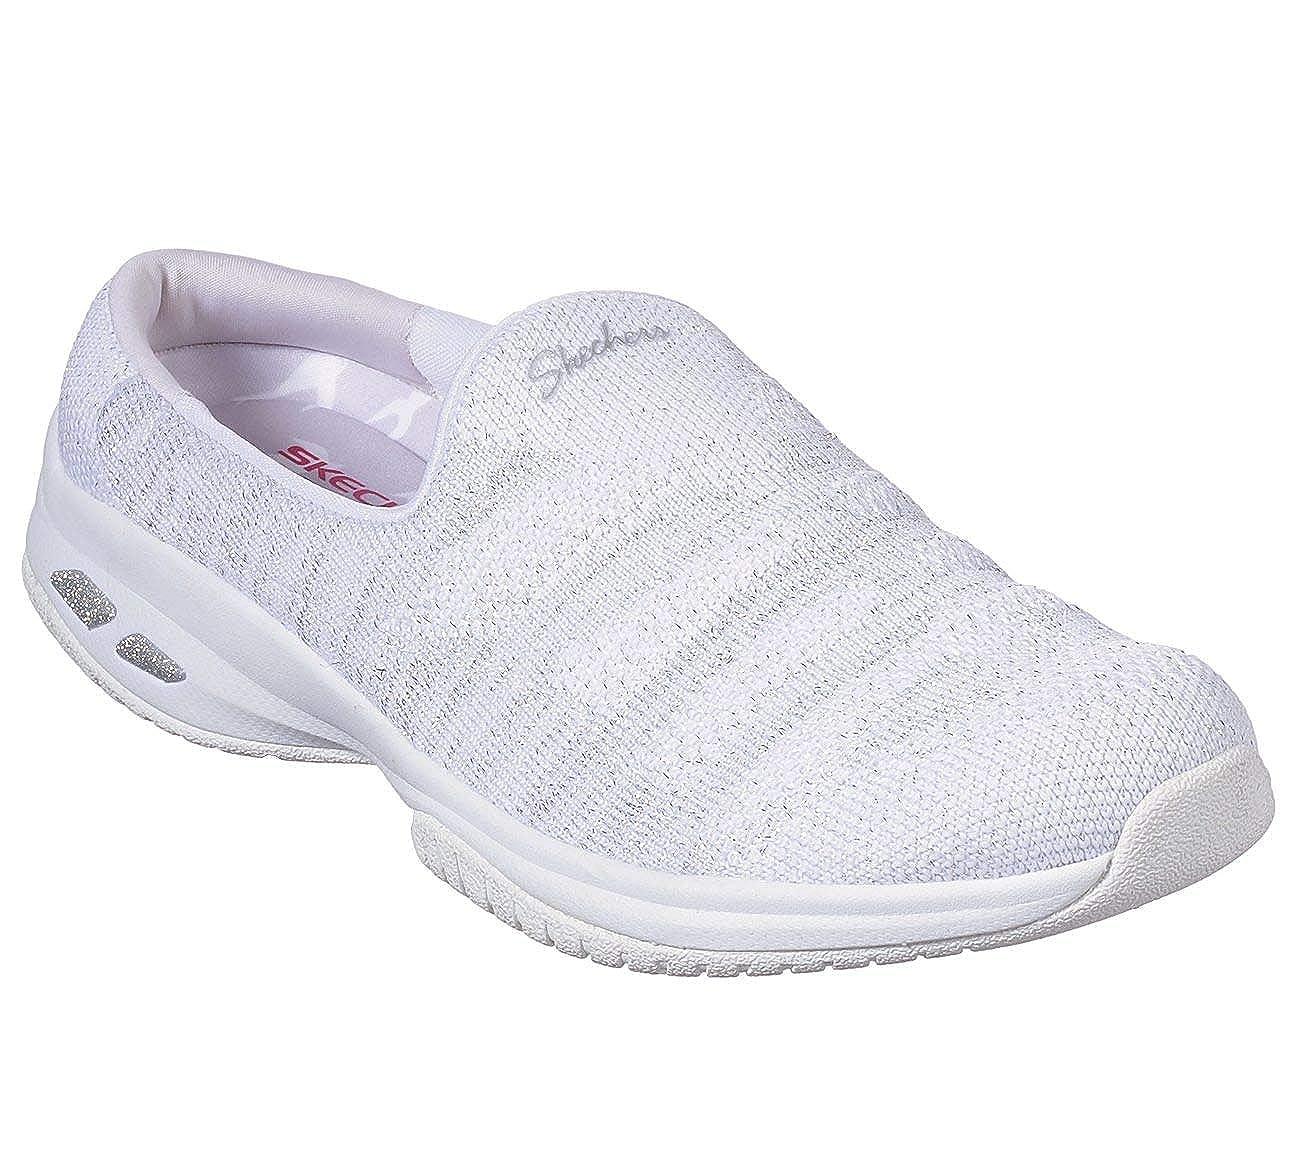 Blanc Blanc Argenté Skechers Femmes Commute Chaussures Athlétiques  nouvelle exclusivité haut de gamme